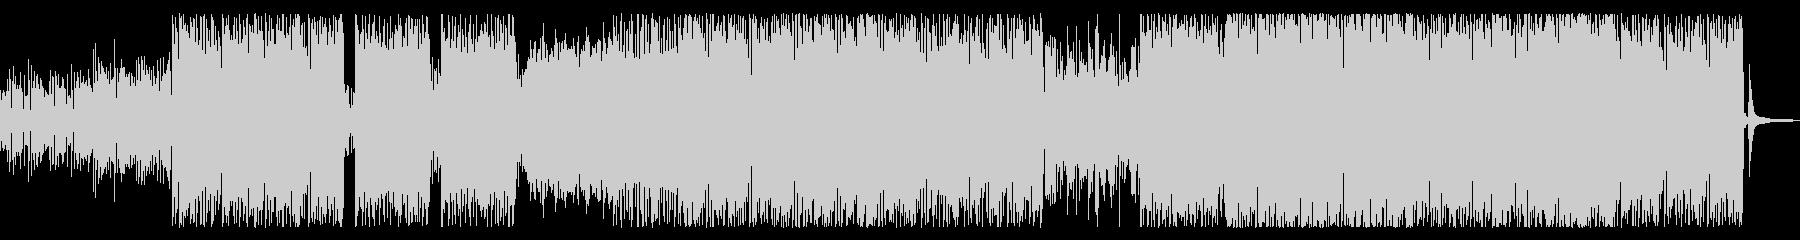 爽やかな ボサノバ ドラムンベースの未再生の波形